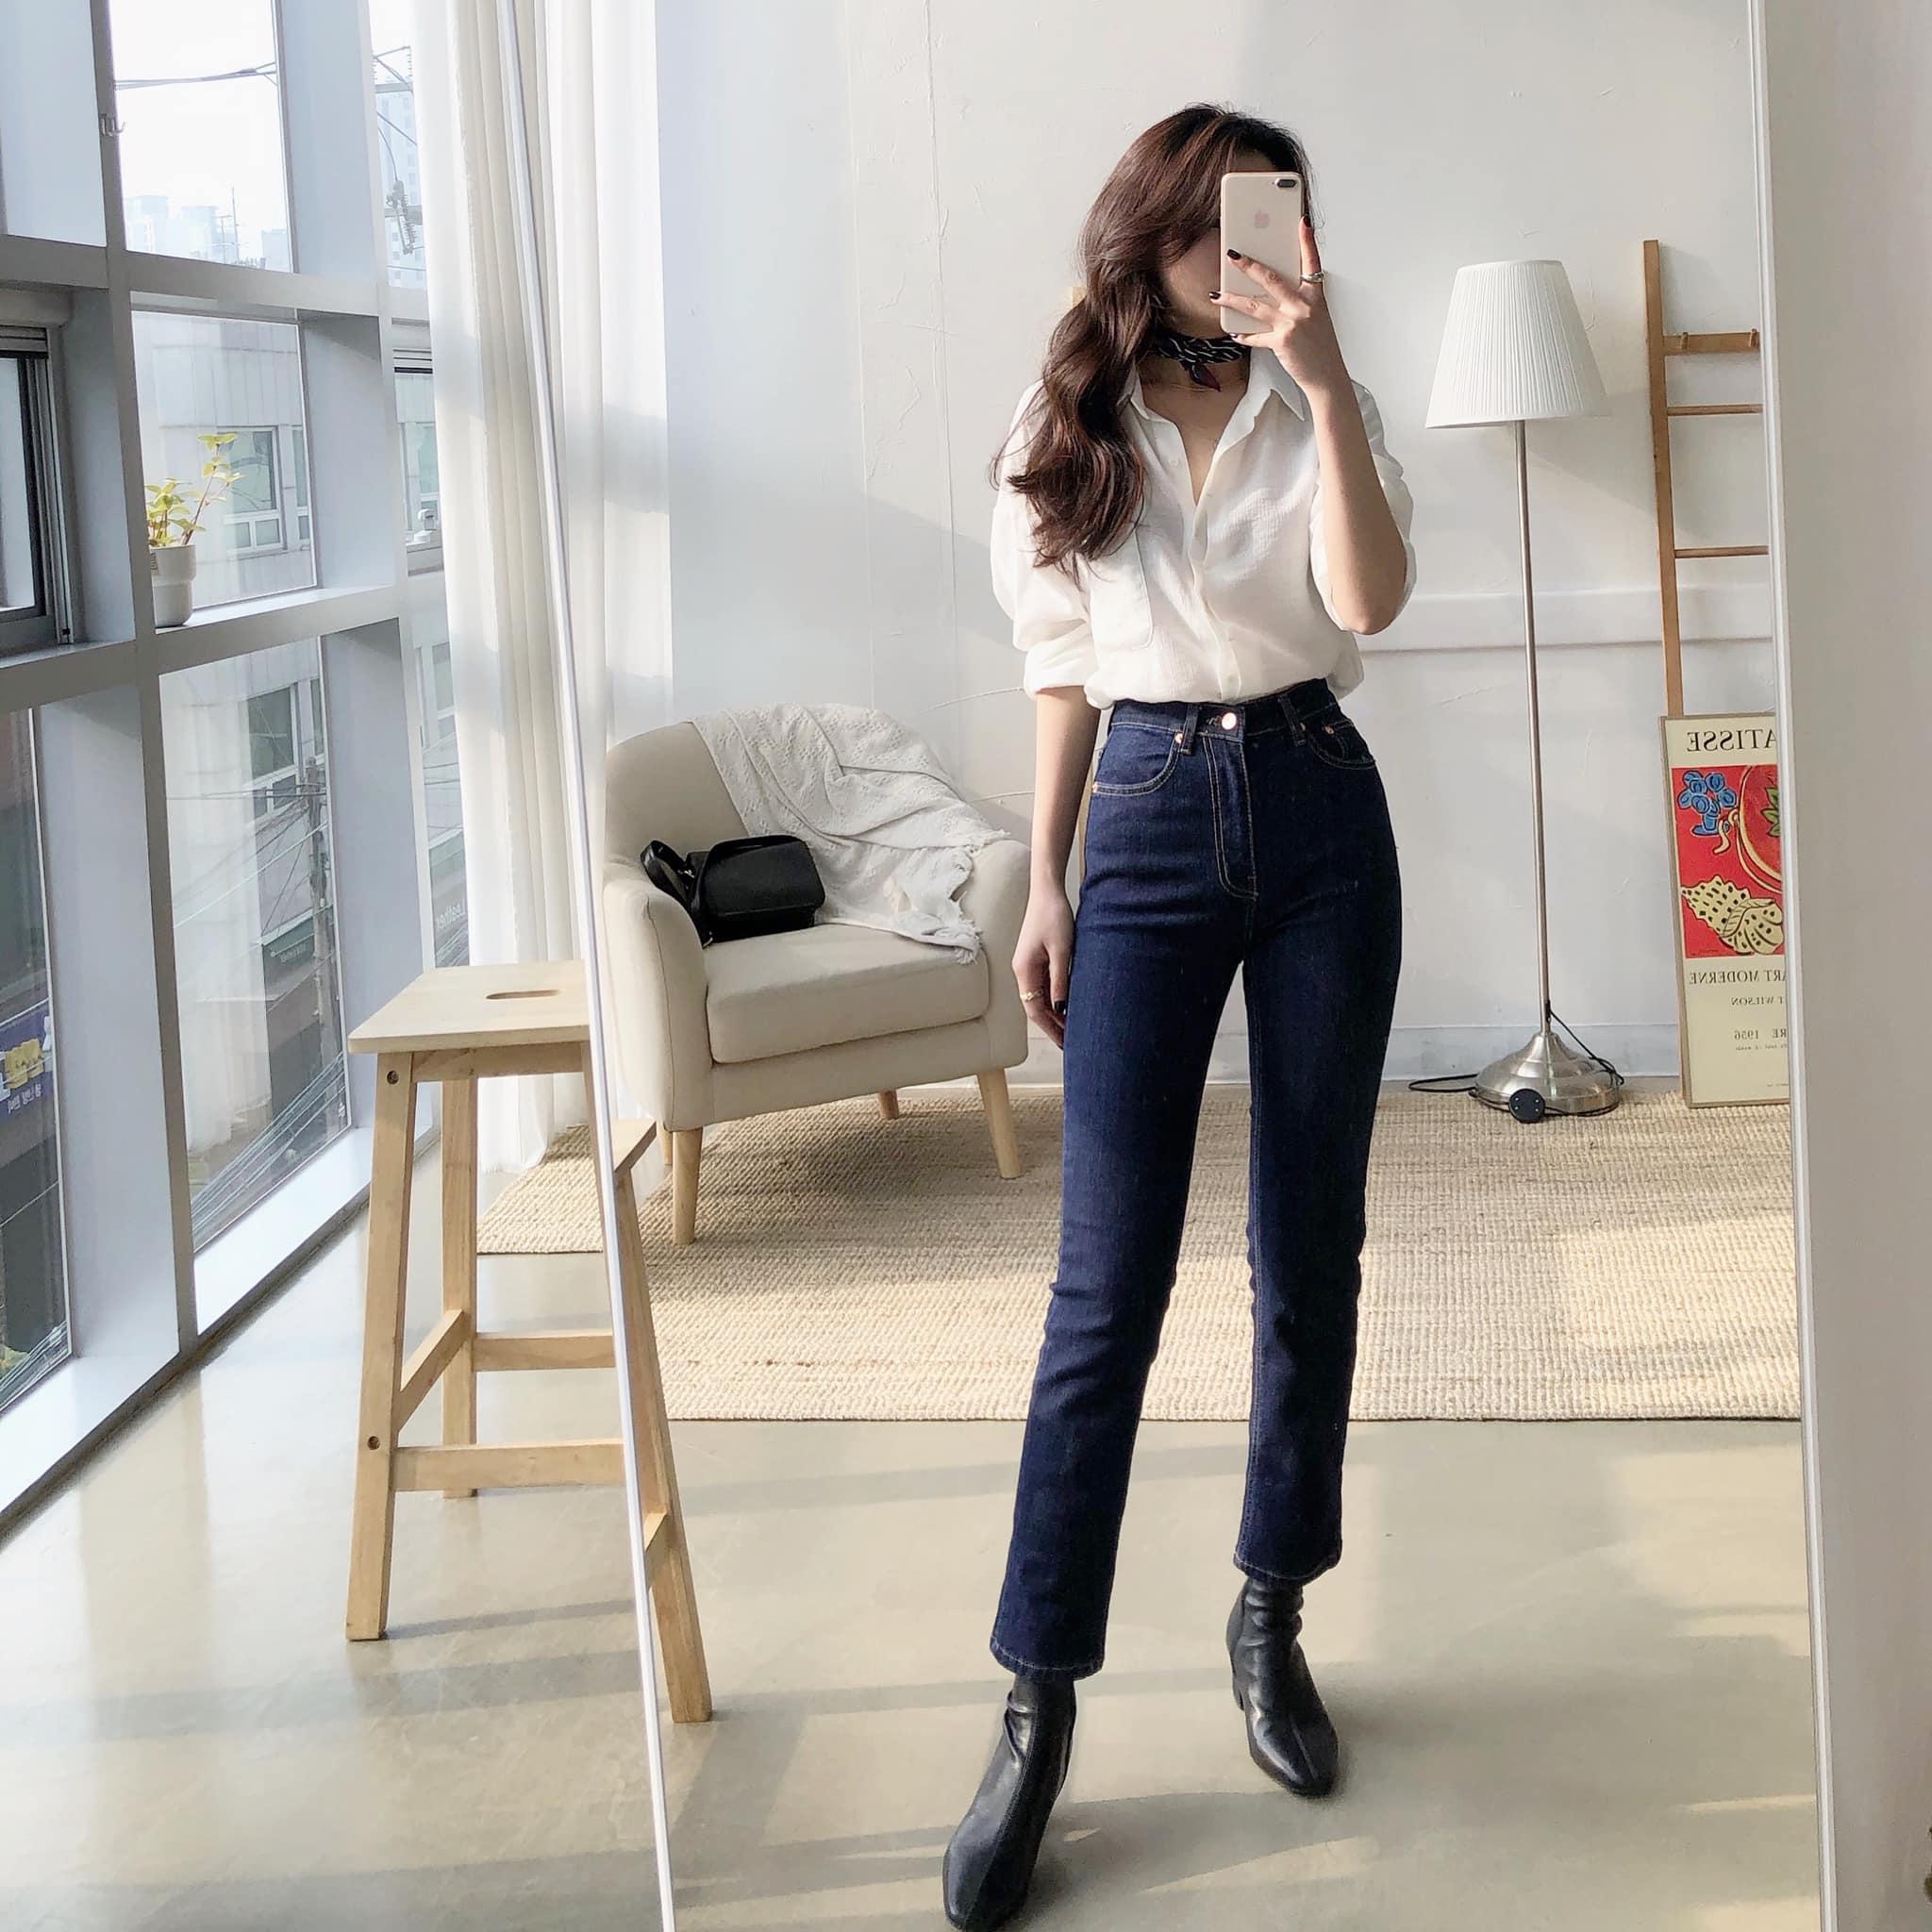 """Mê quần jeans đến mức cô nàng này có hẳn một review """"tường tận"""" về 3 kiểu tôn dáng nhất dành cho các chị em"""